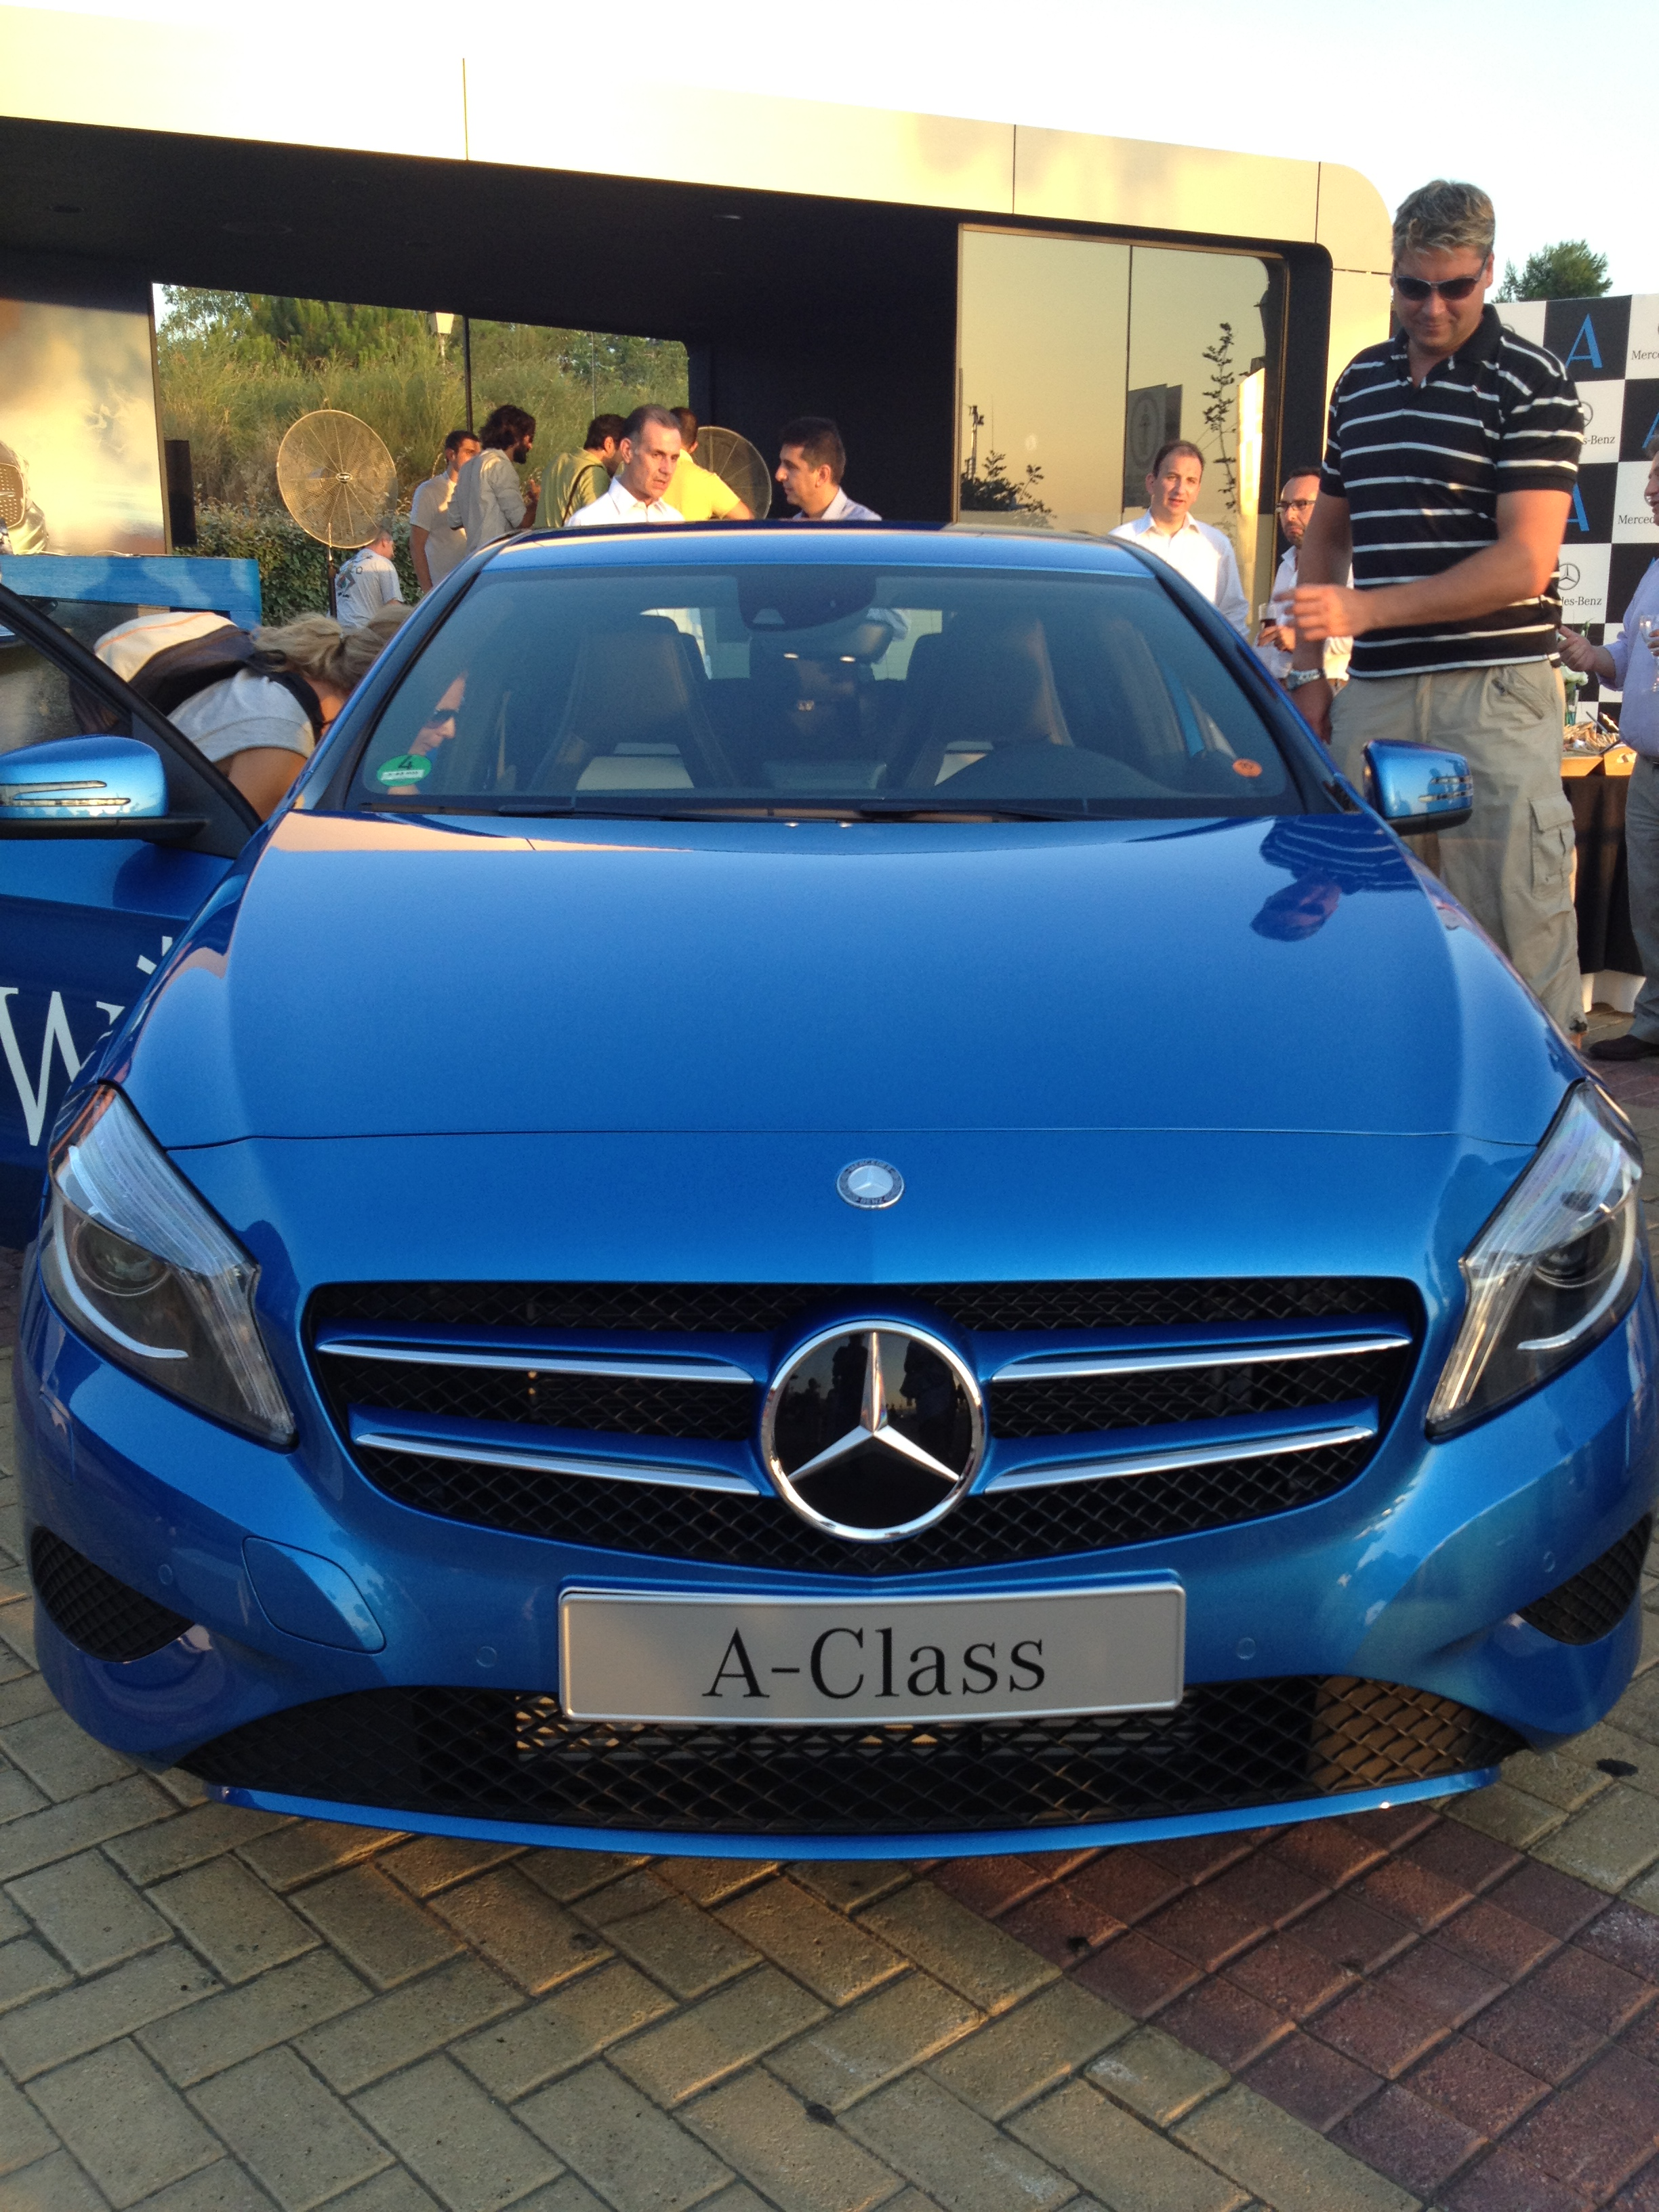 file 2012 blue mercedes a class w176 7661370486 jpg wikimedia